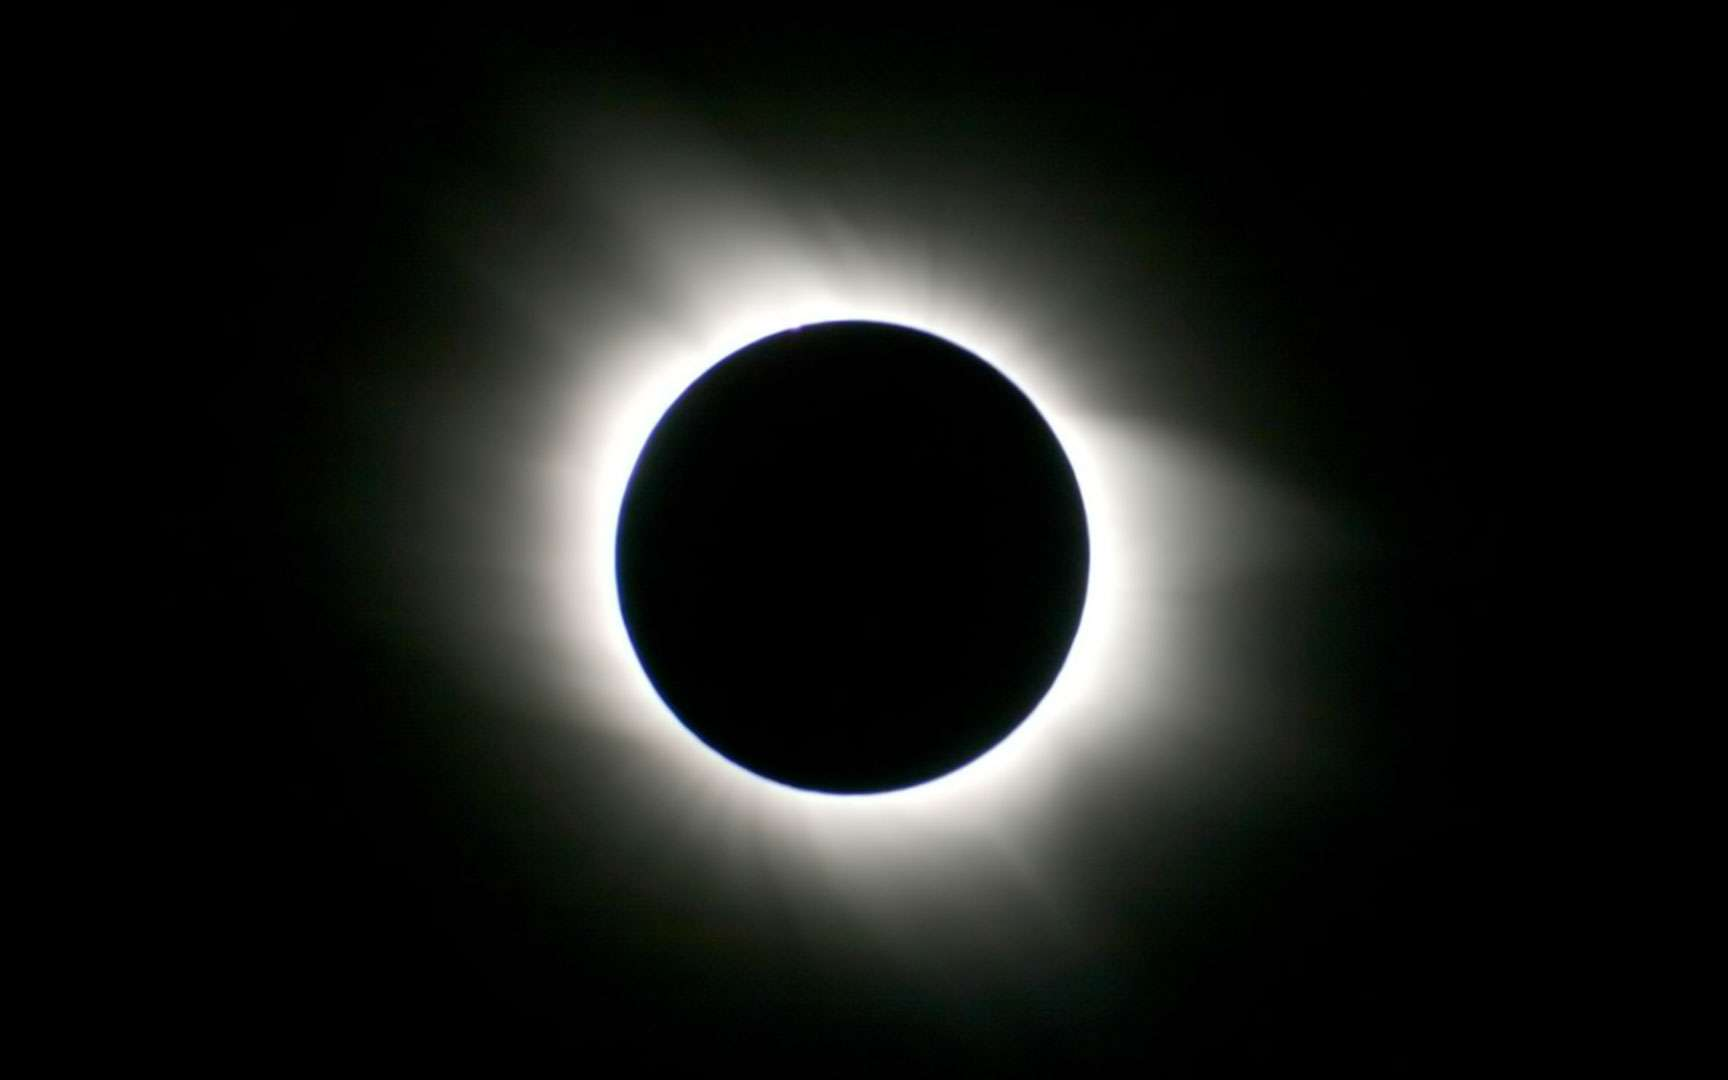 Une magnifique couronne solaire. Lors des éclipses totales il est possible d'admirer la couronne solaire, une immense auréole de lumière. Cette atmosphère solaire s'étend sur plusieurs millions de kilomètres et la température de ce plasma dépasse le million de degrés. © L. Ferrero